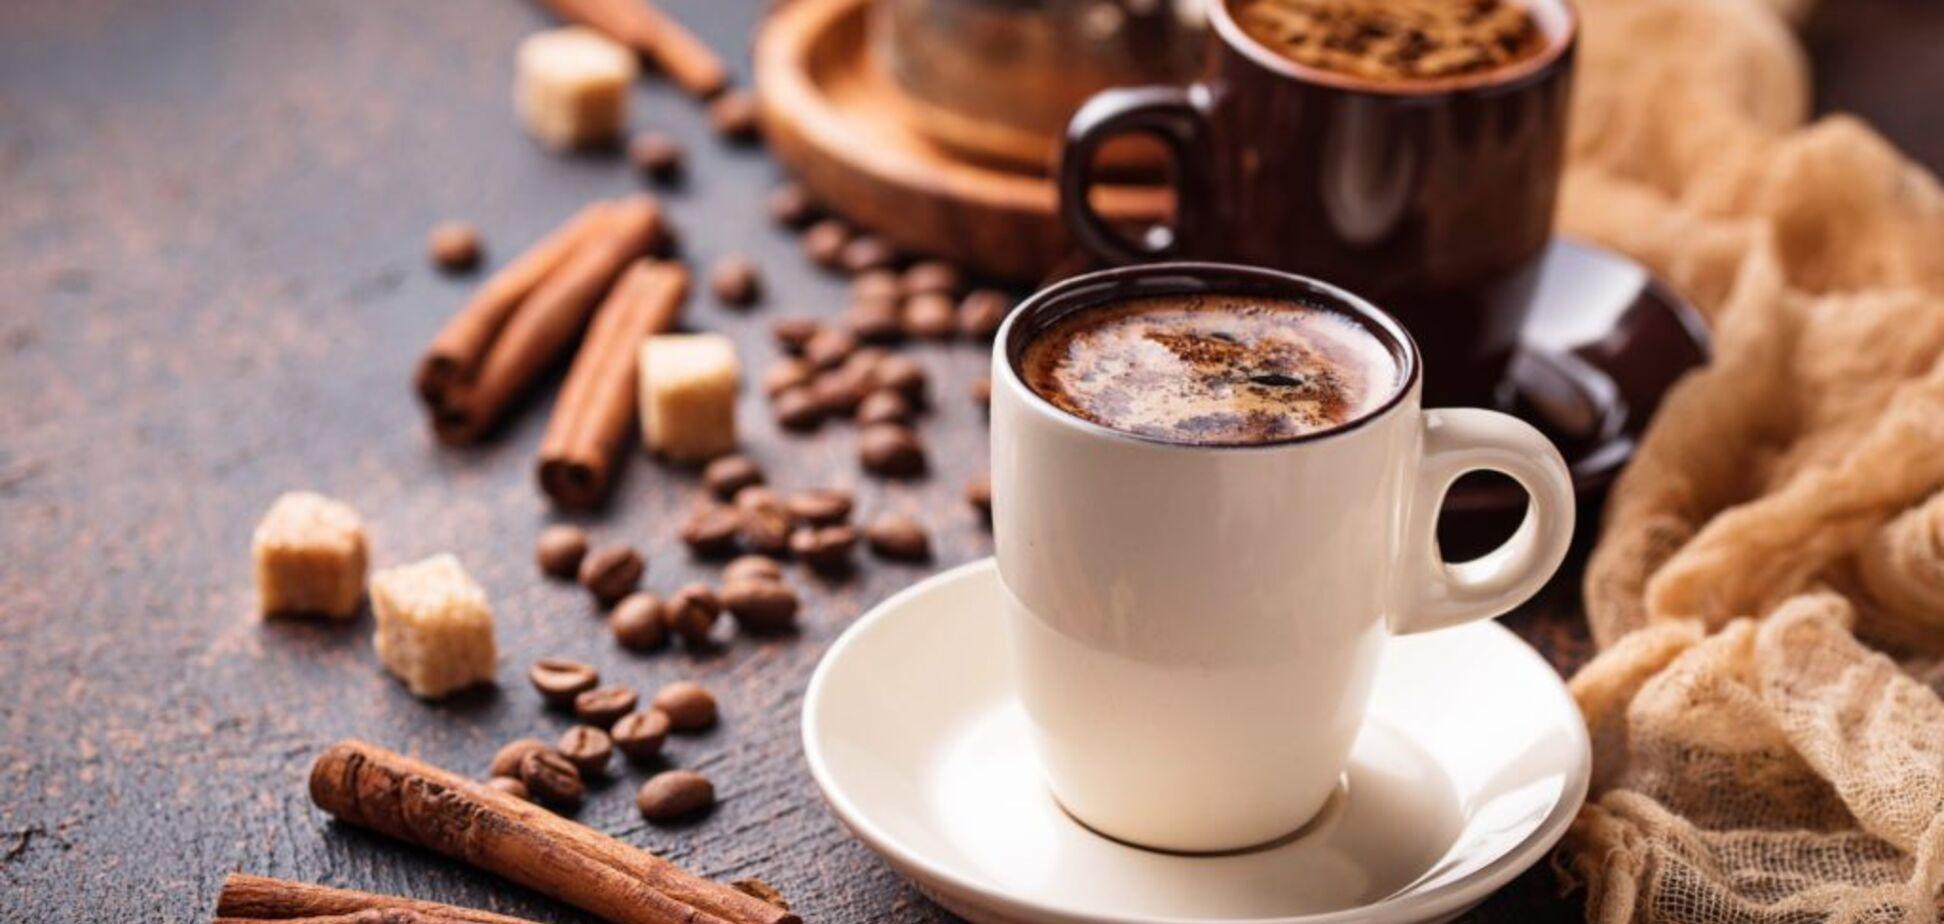 'Все хорошо в меру': диетолог рассказала, сколько и как нужно пить кофе